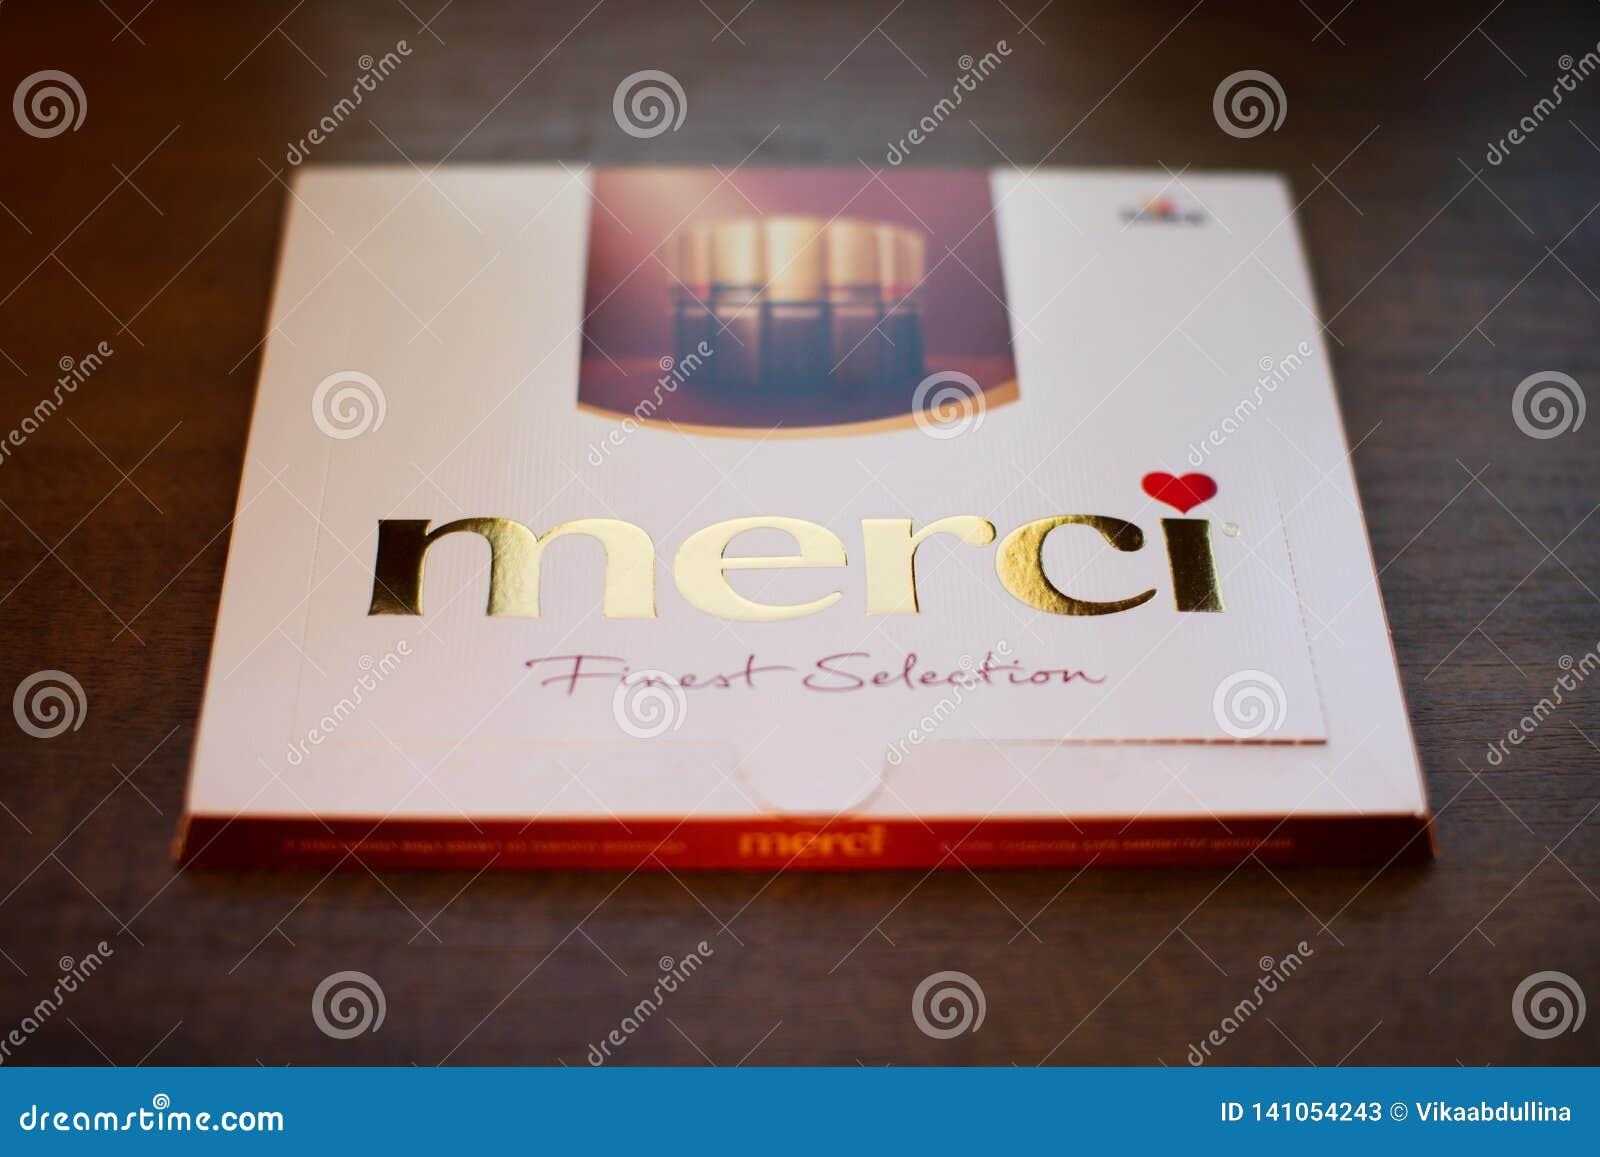 Chocolate de Merci - marca de caramelo de chocolate manufacturada por la compañía alemana August Storck, vendido en más de 70 paí